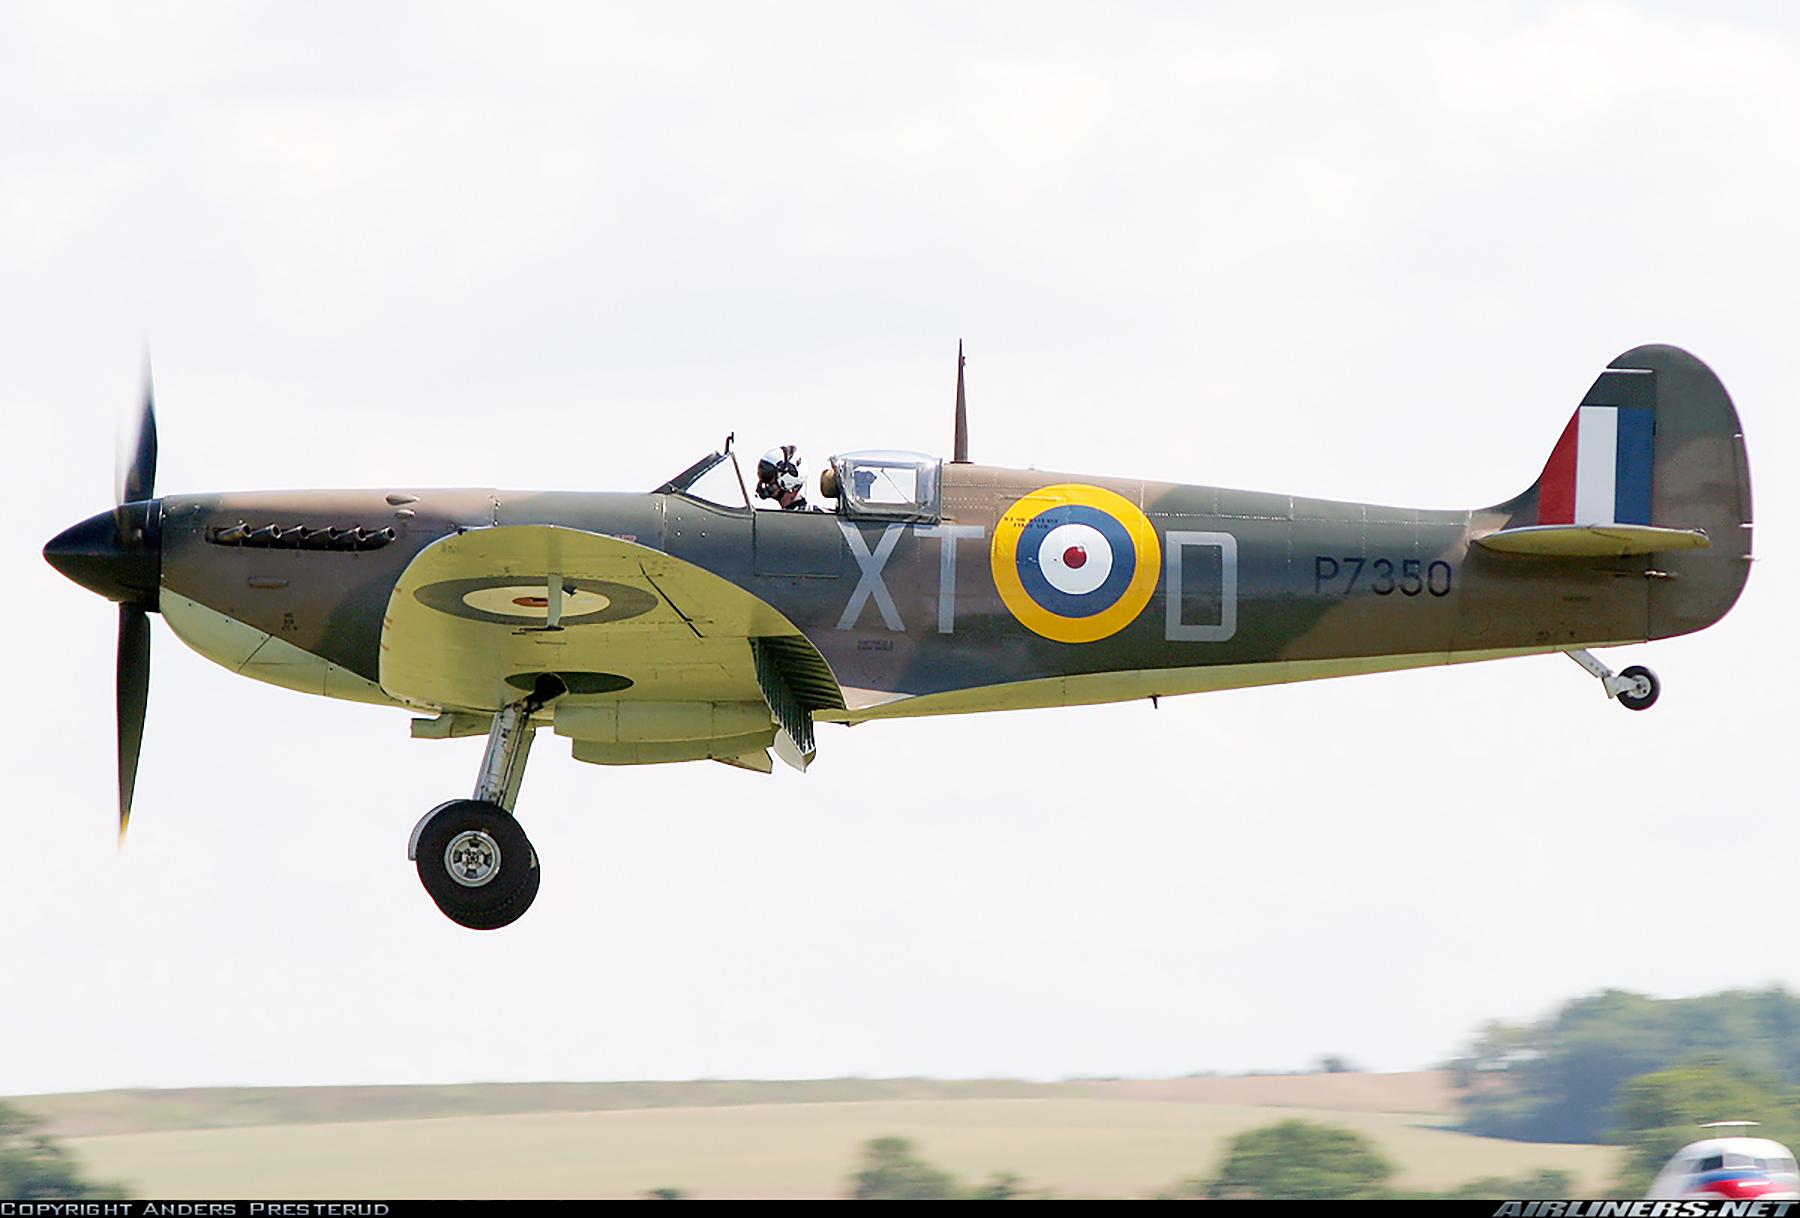 Airworthy Spitfire warbird RAF 603Sqn XTD P7350 10